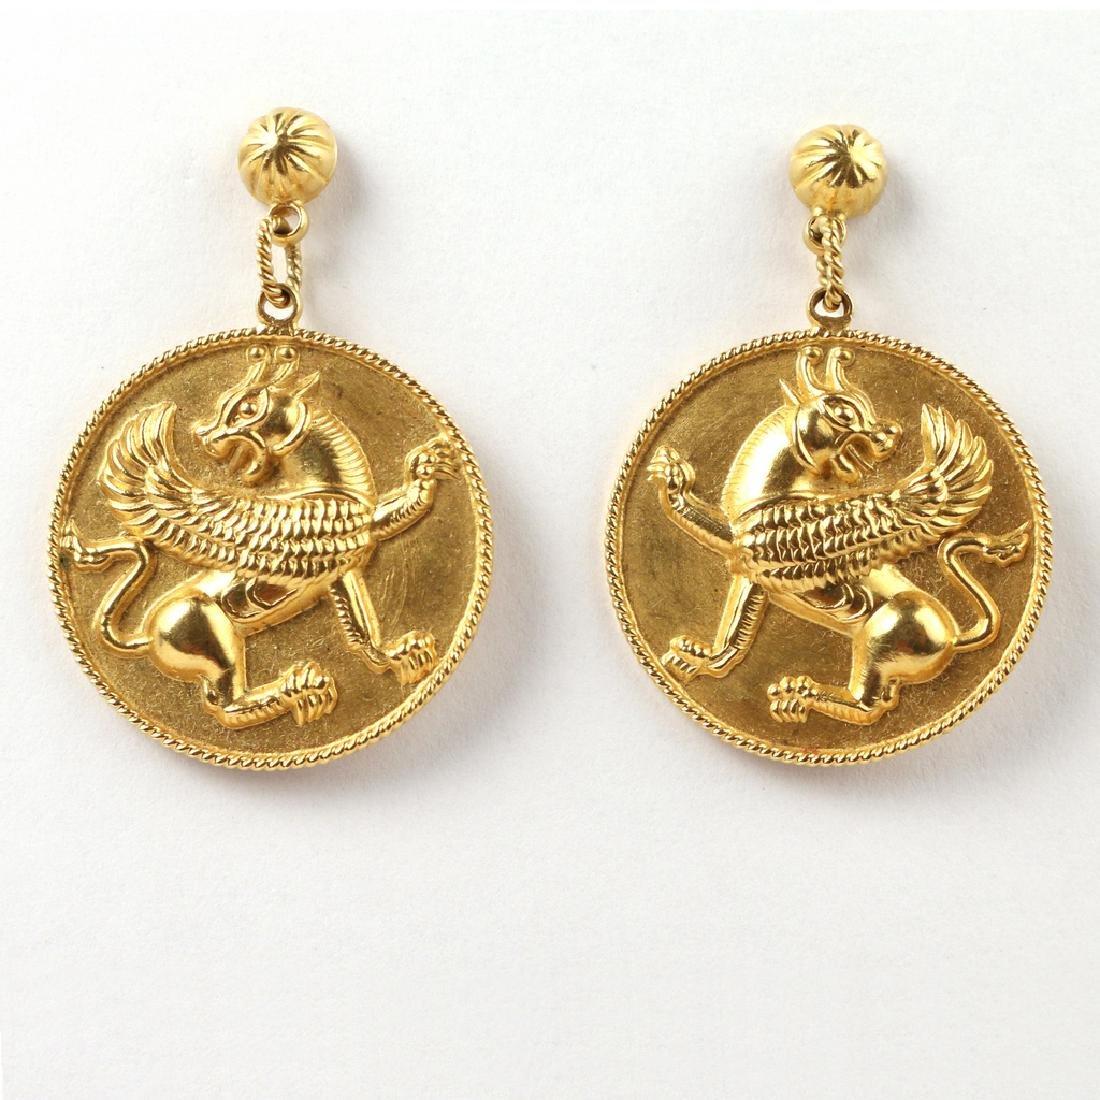 PAIR PERSIAN GOLD LAMASSU PLAQUE EARRINGS